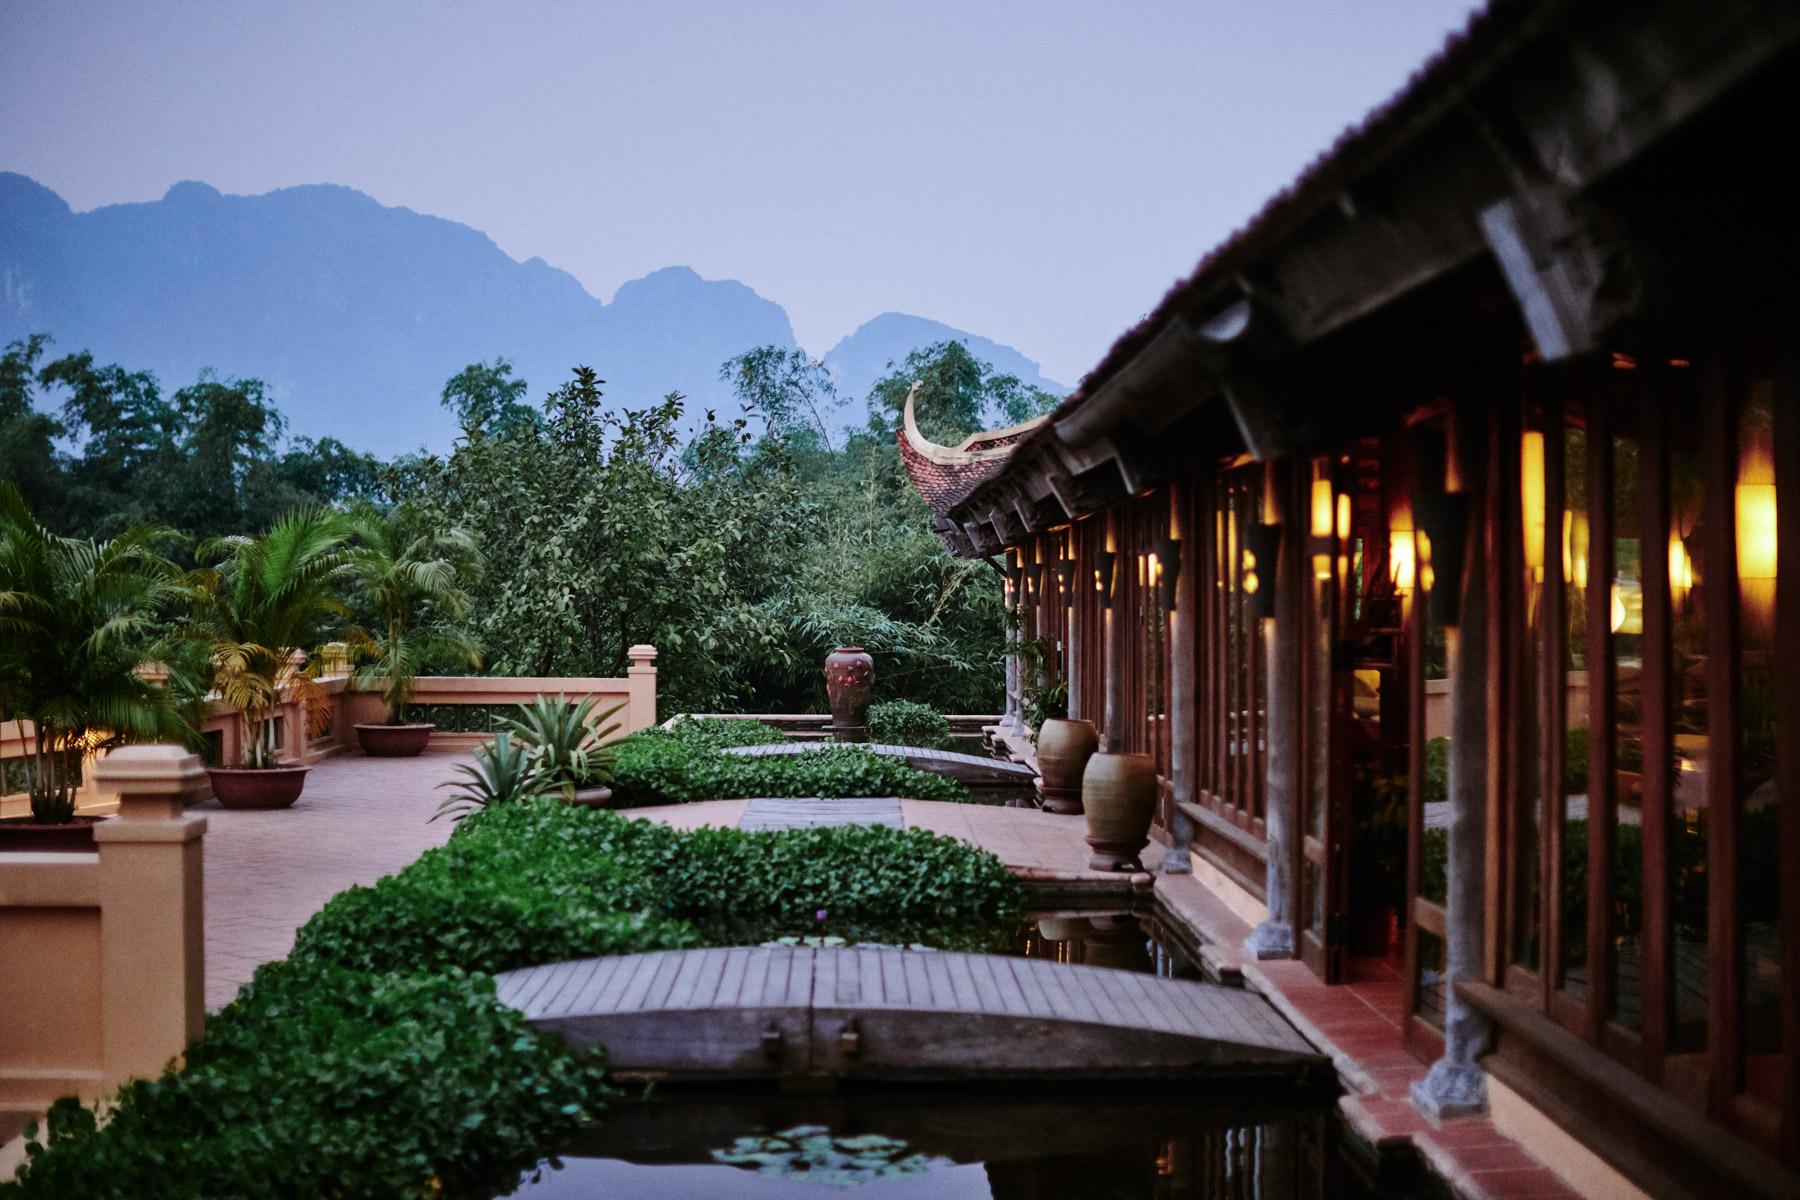 The Emeralda Resort in Ninh Binh, Vietnam.